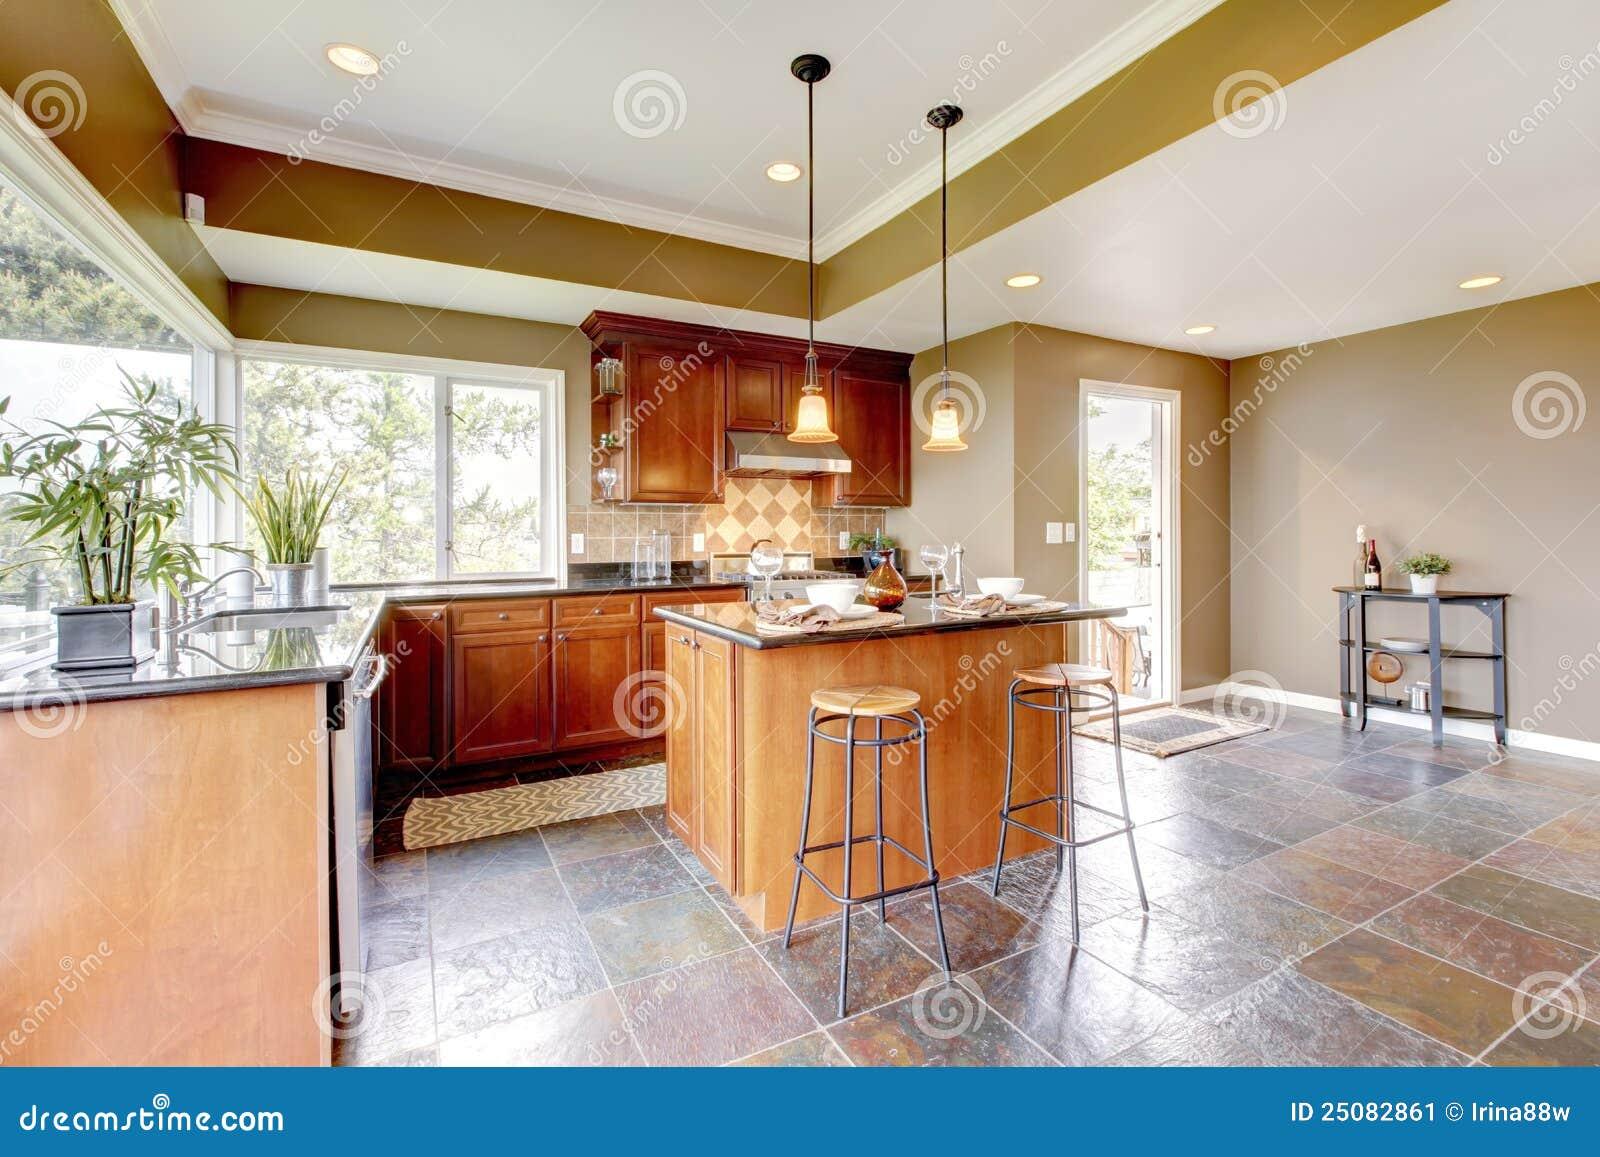 Pareti Della Cucina Verdi : Interiore di lusso della cucina con le pareti verdi immagine